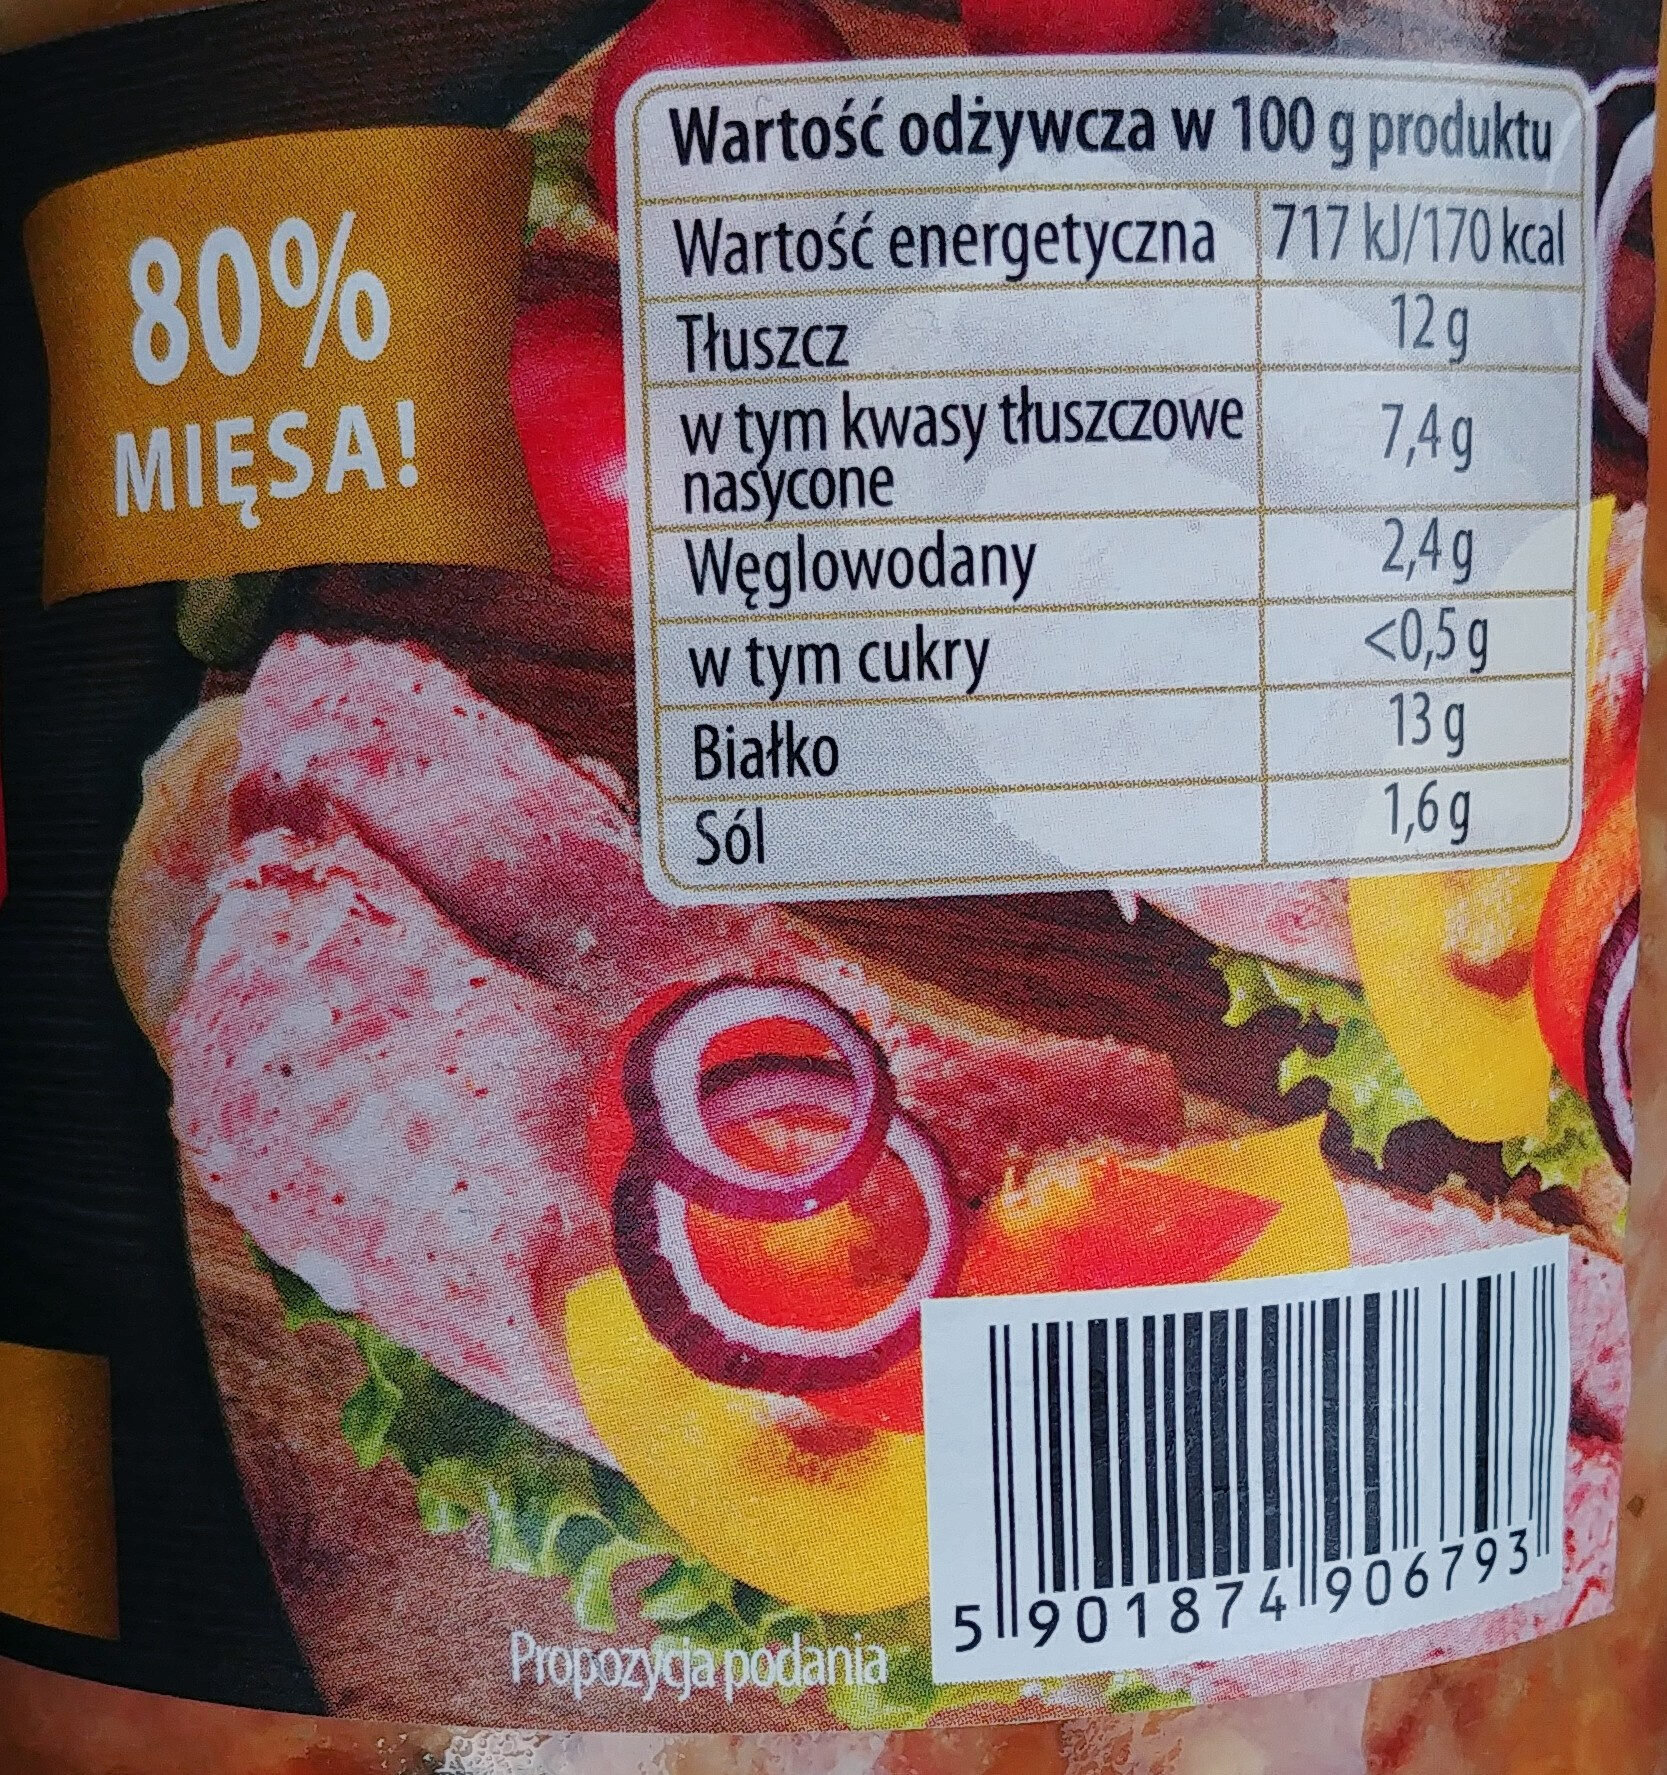 Konserwa wieprzowa grubo rozdrobniona - Wartości odżywcze